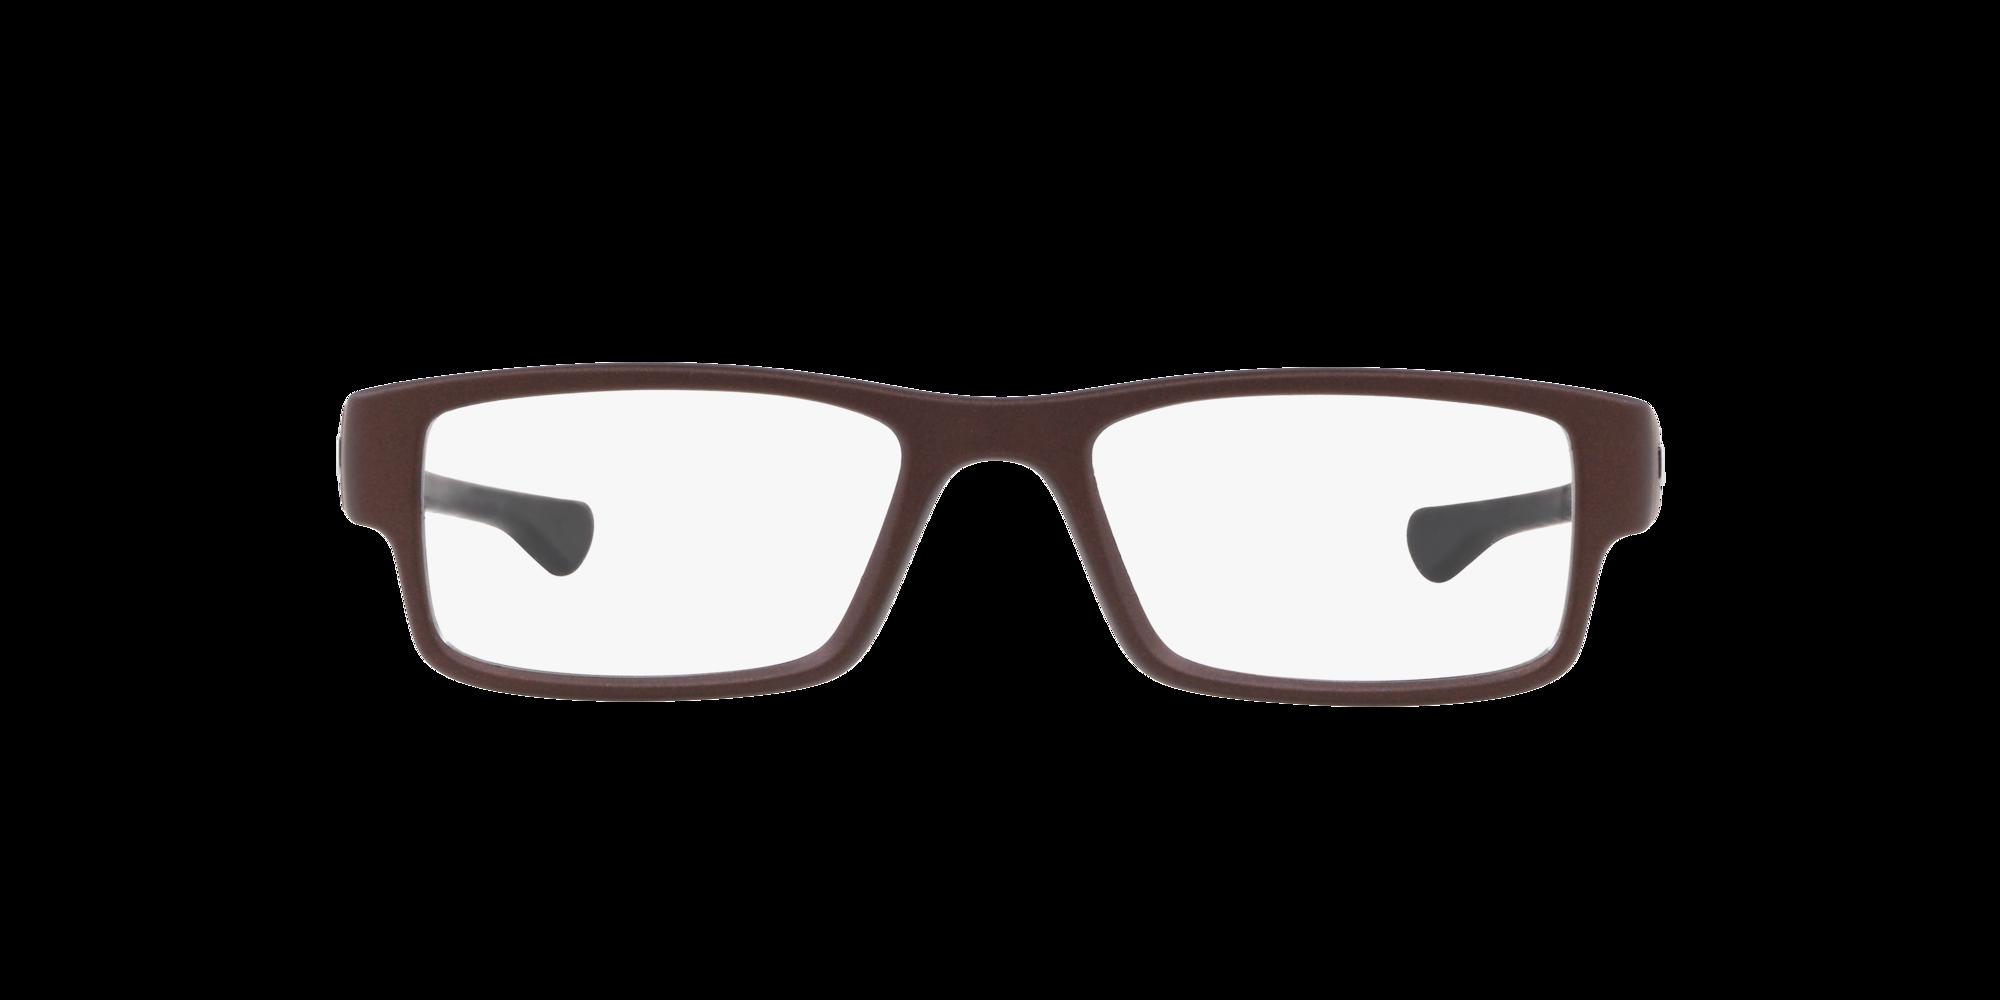 Imagen para OX8046 AIRDROP de LensCrafters |  Espejuelos, espejuelos graduados en línea, gafas